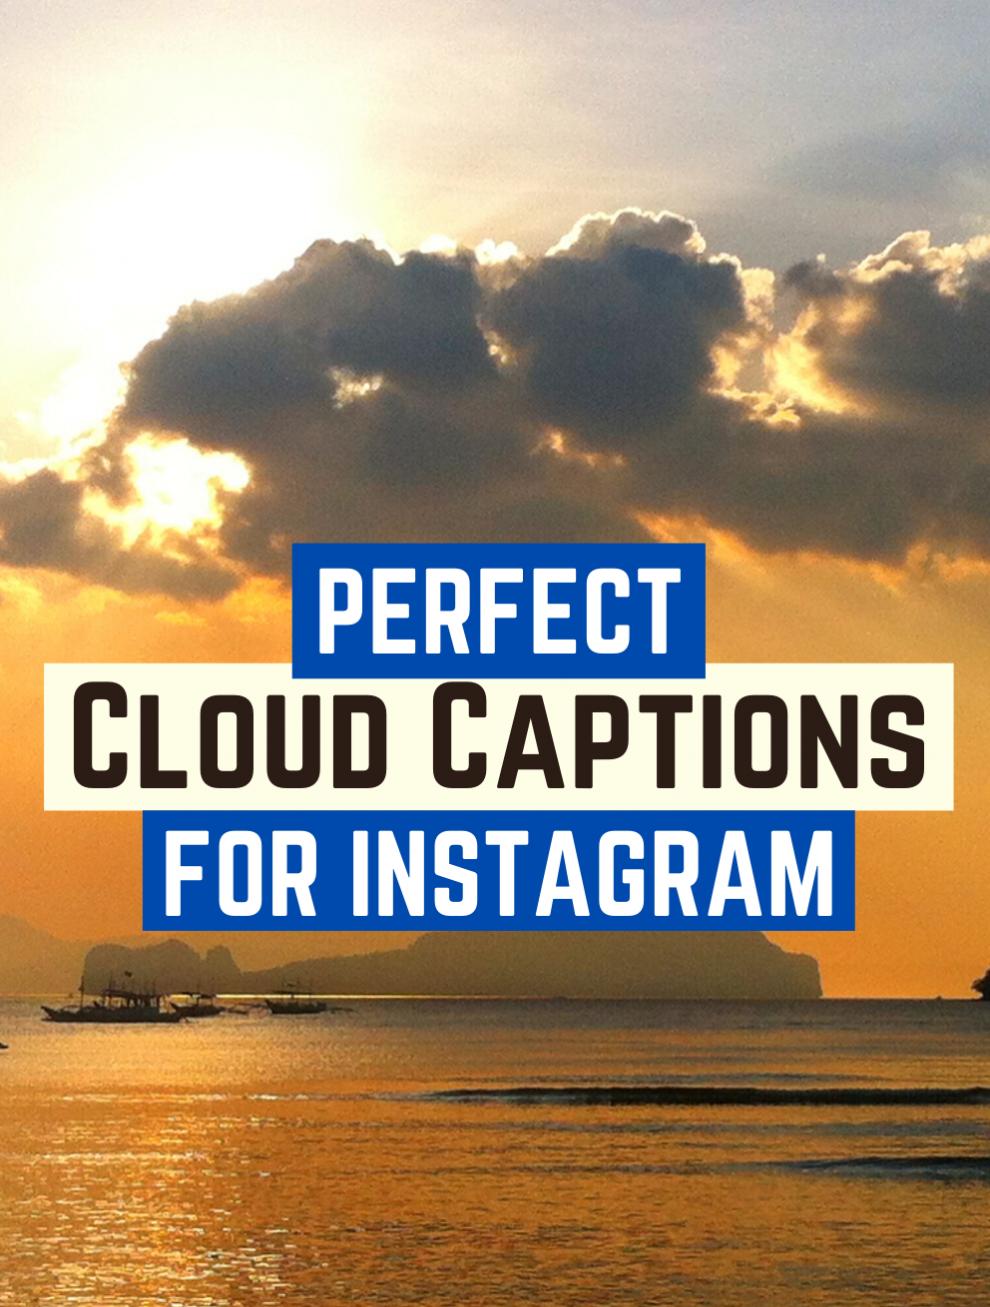 Best Sky & Cloud Captions